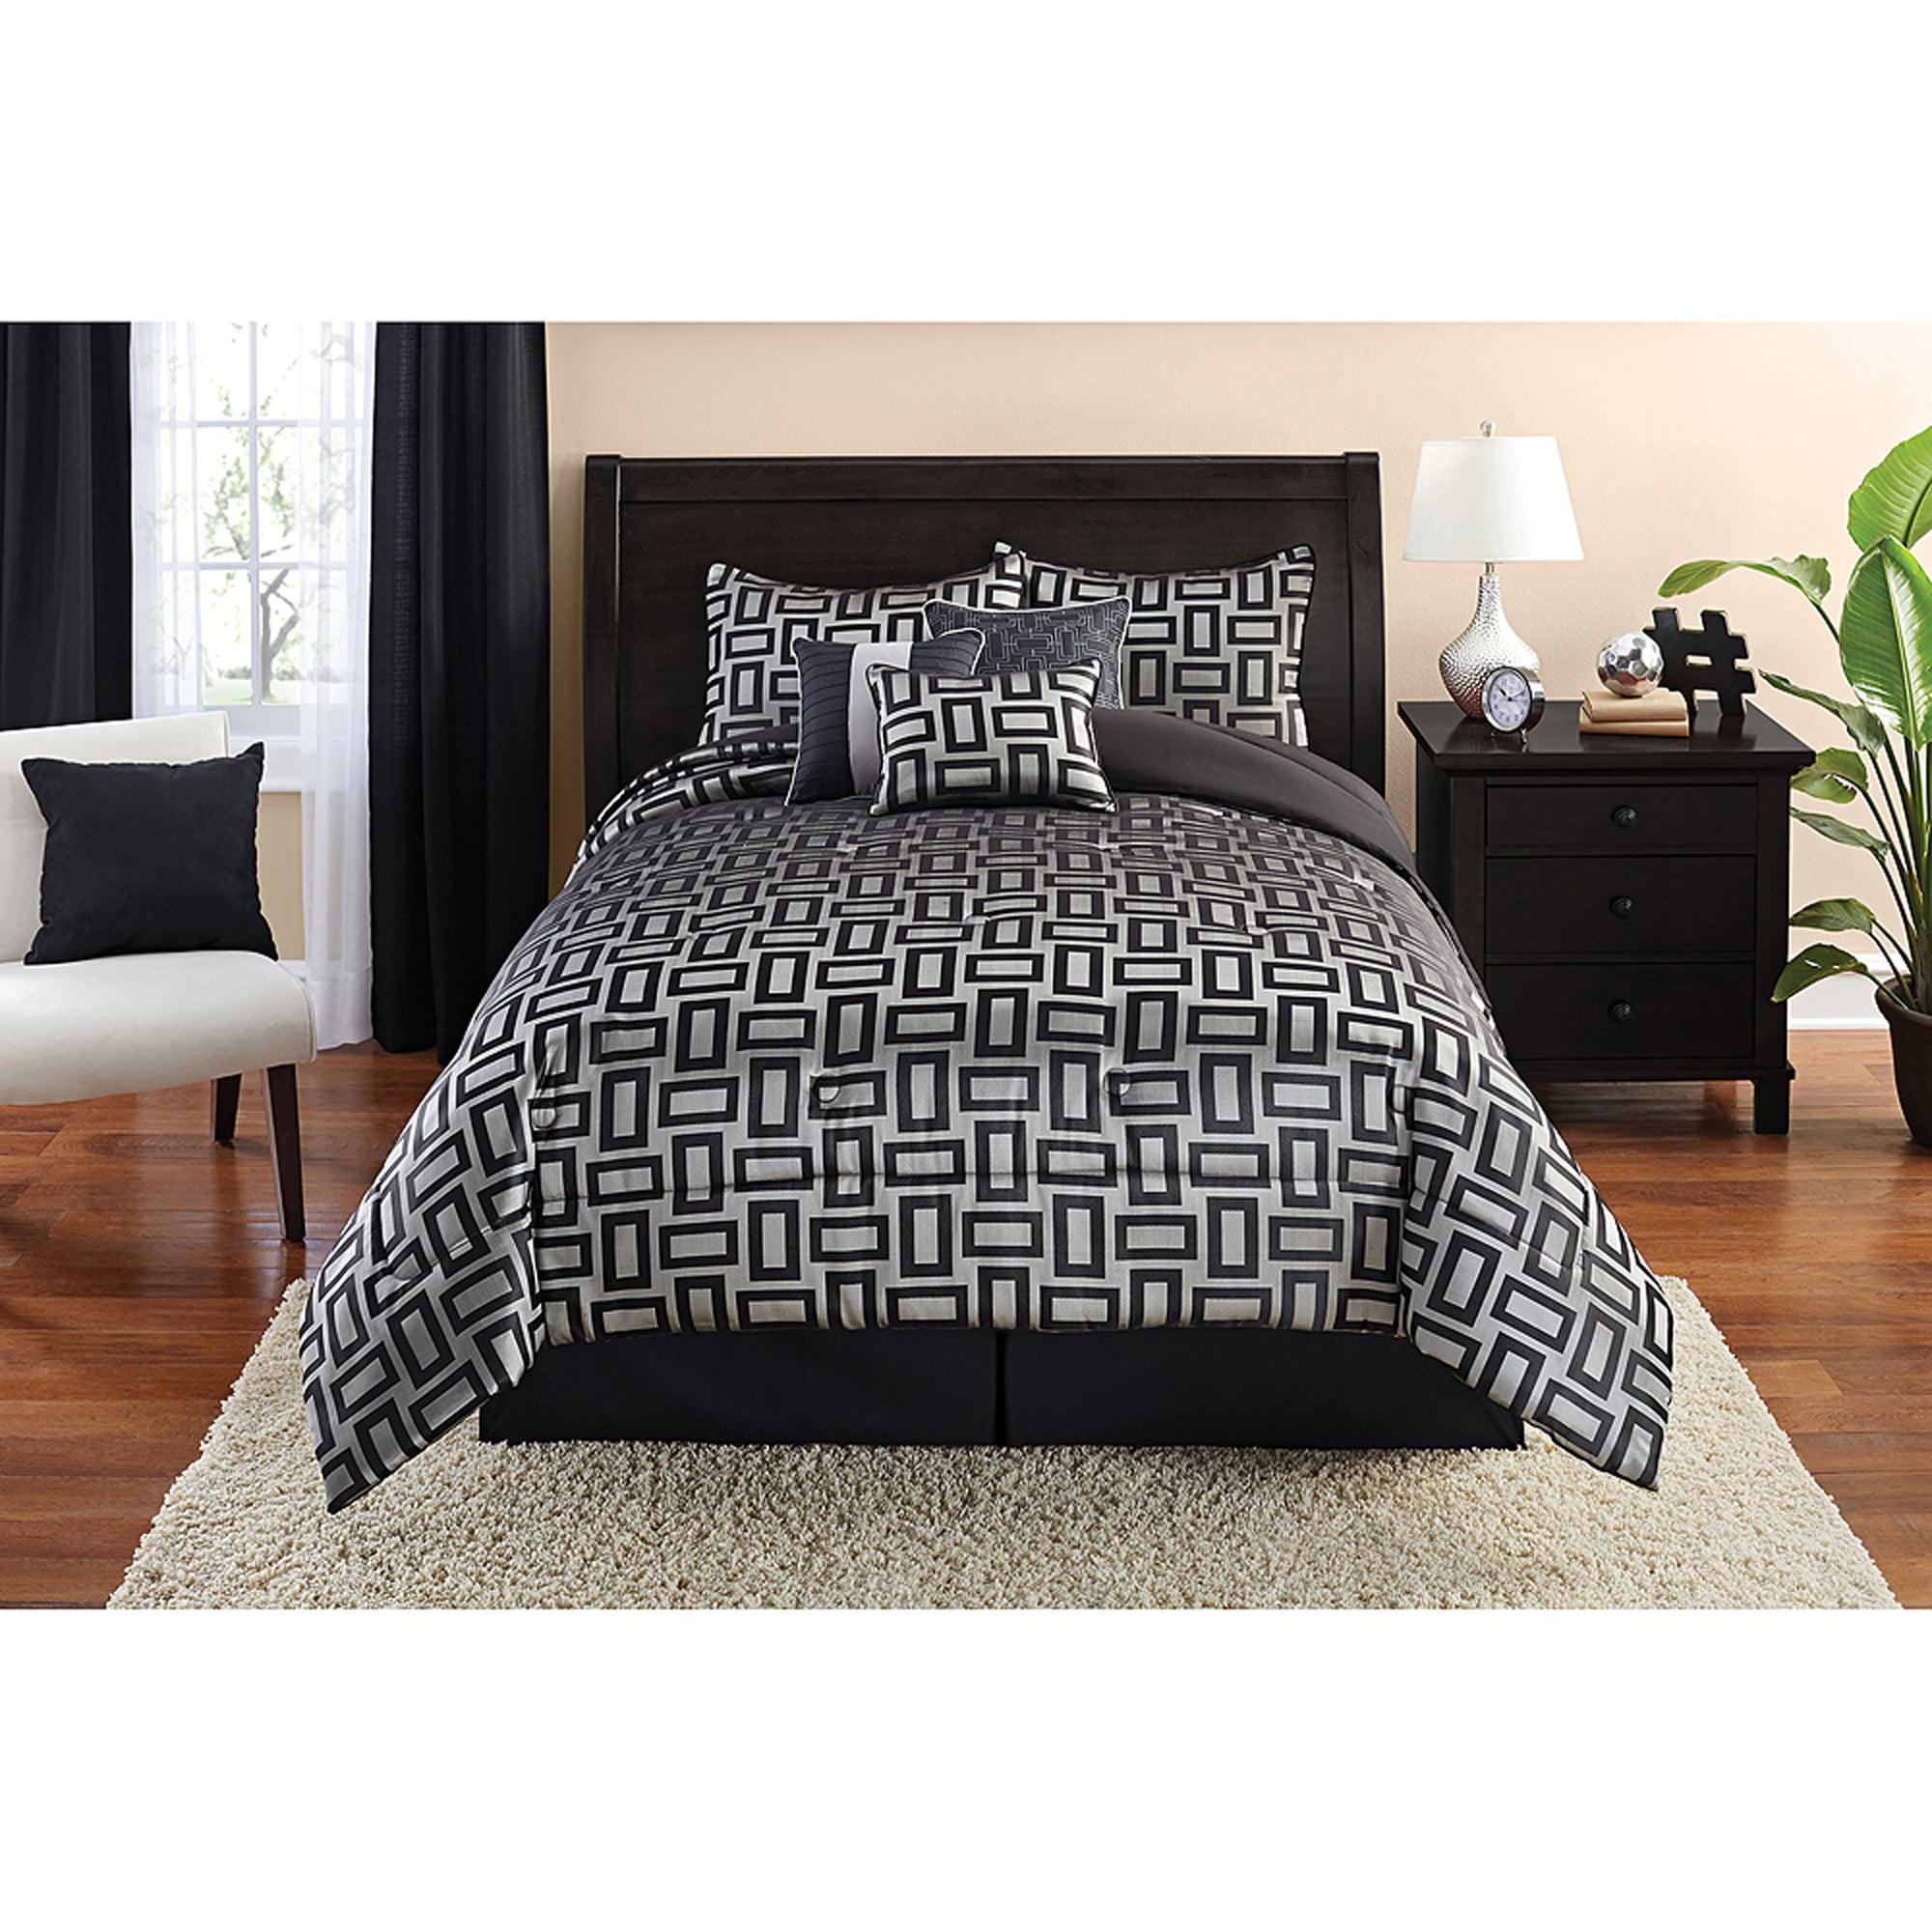 Black and white bedding walmart - Mainstays 7 Piece Geo Comforter Set